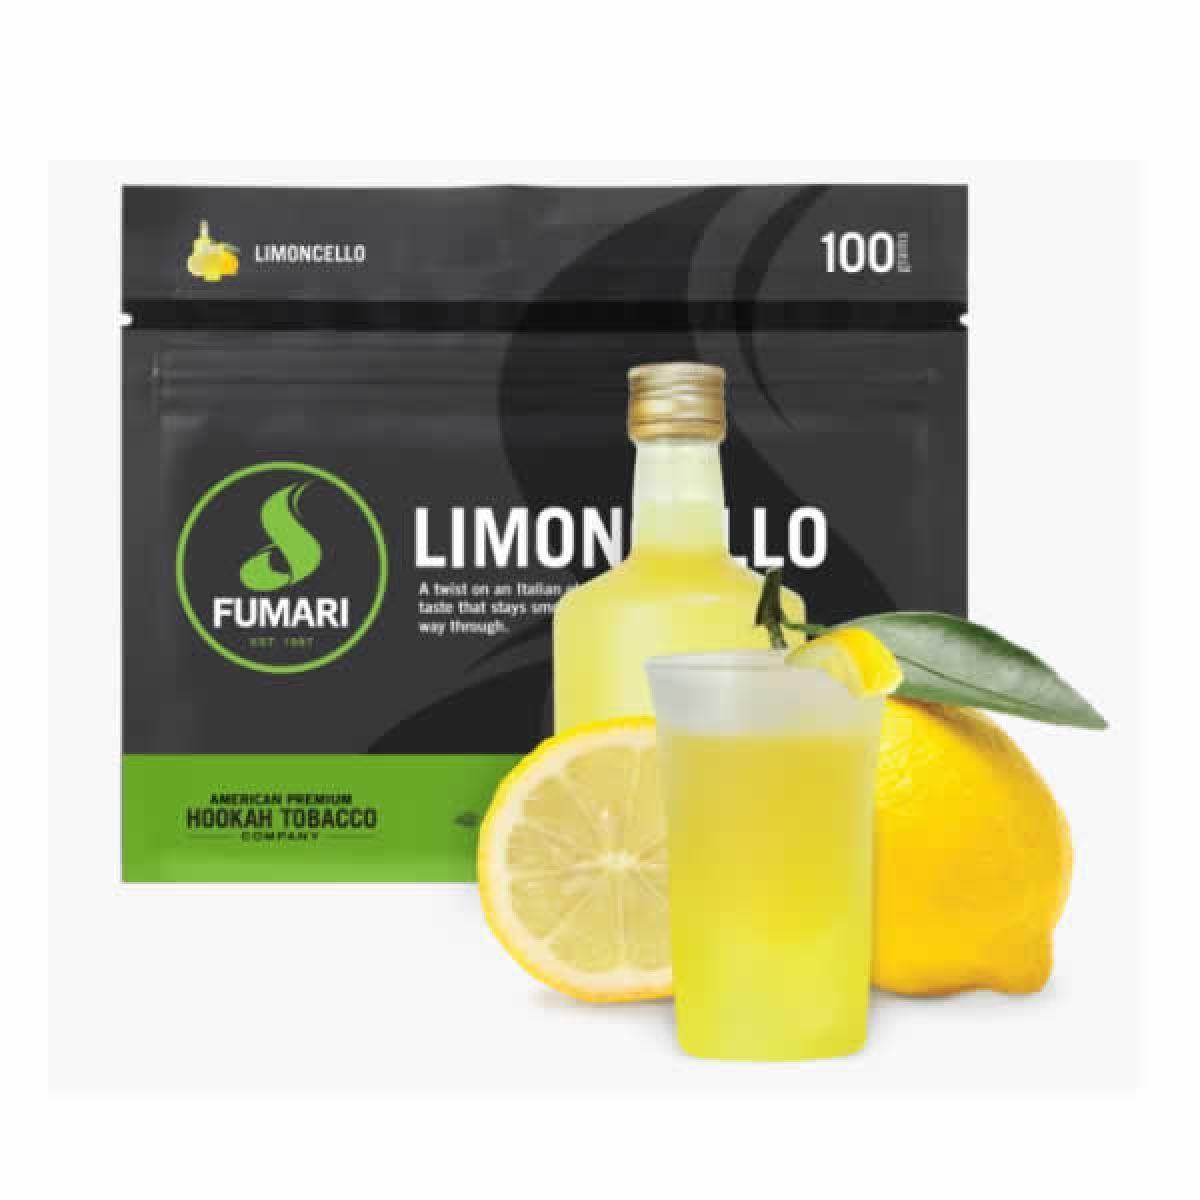 FUMARI LEMONCELLO 100G/UN